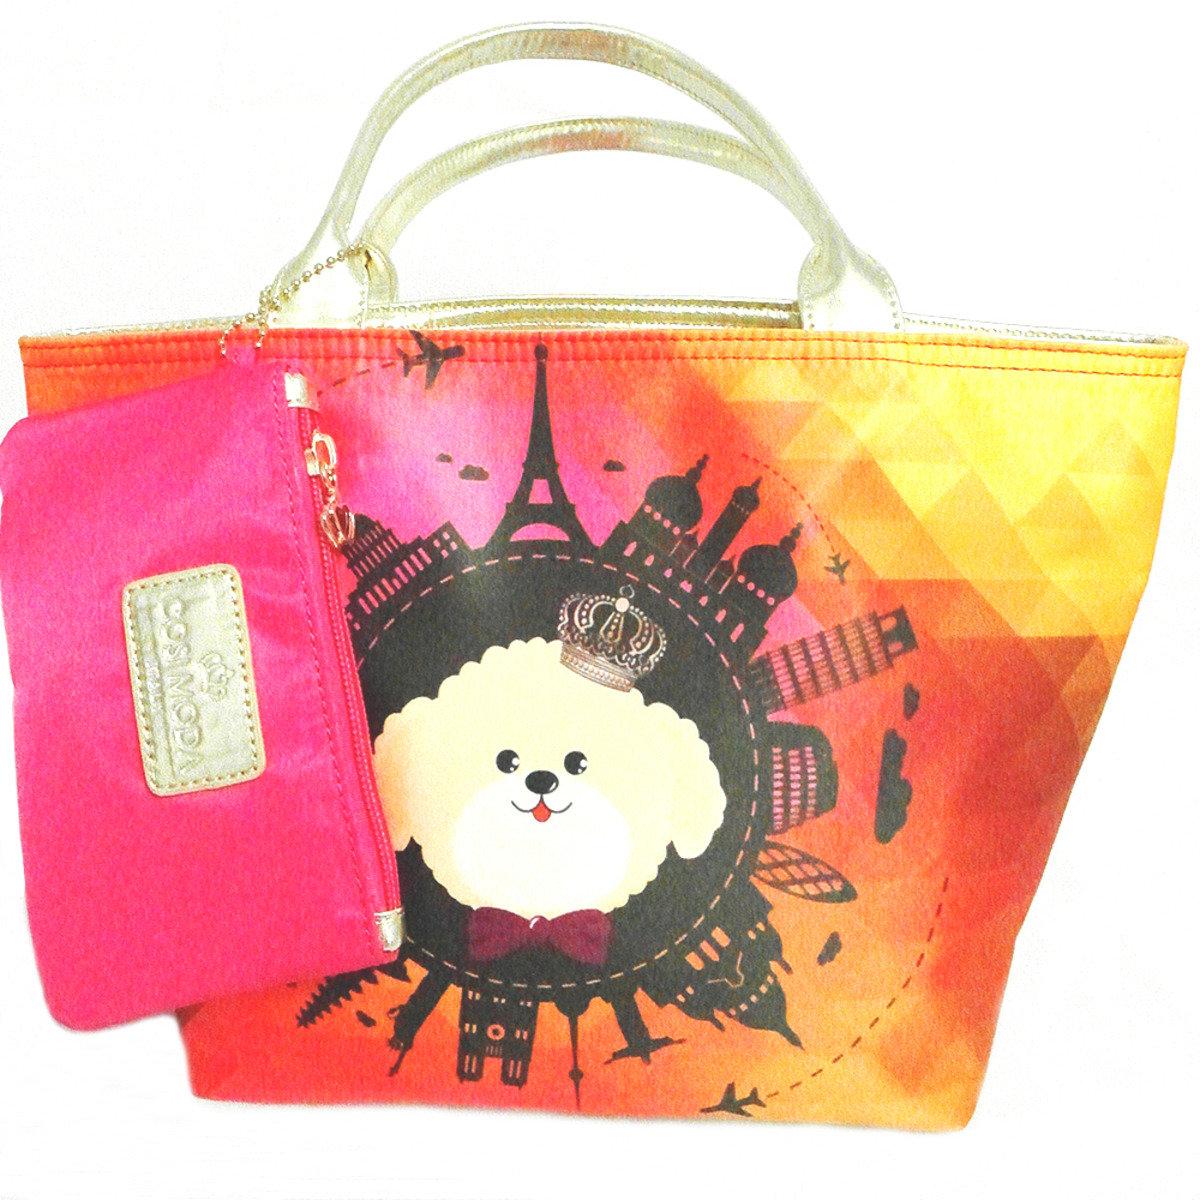 多用途手挽袋-Momo世界